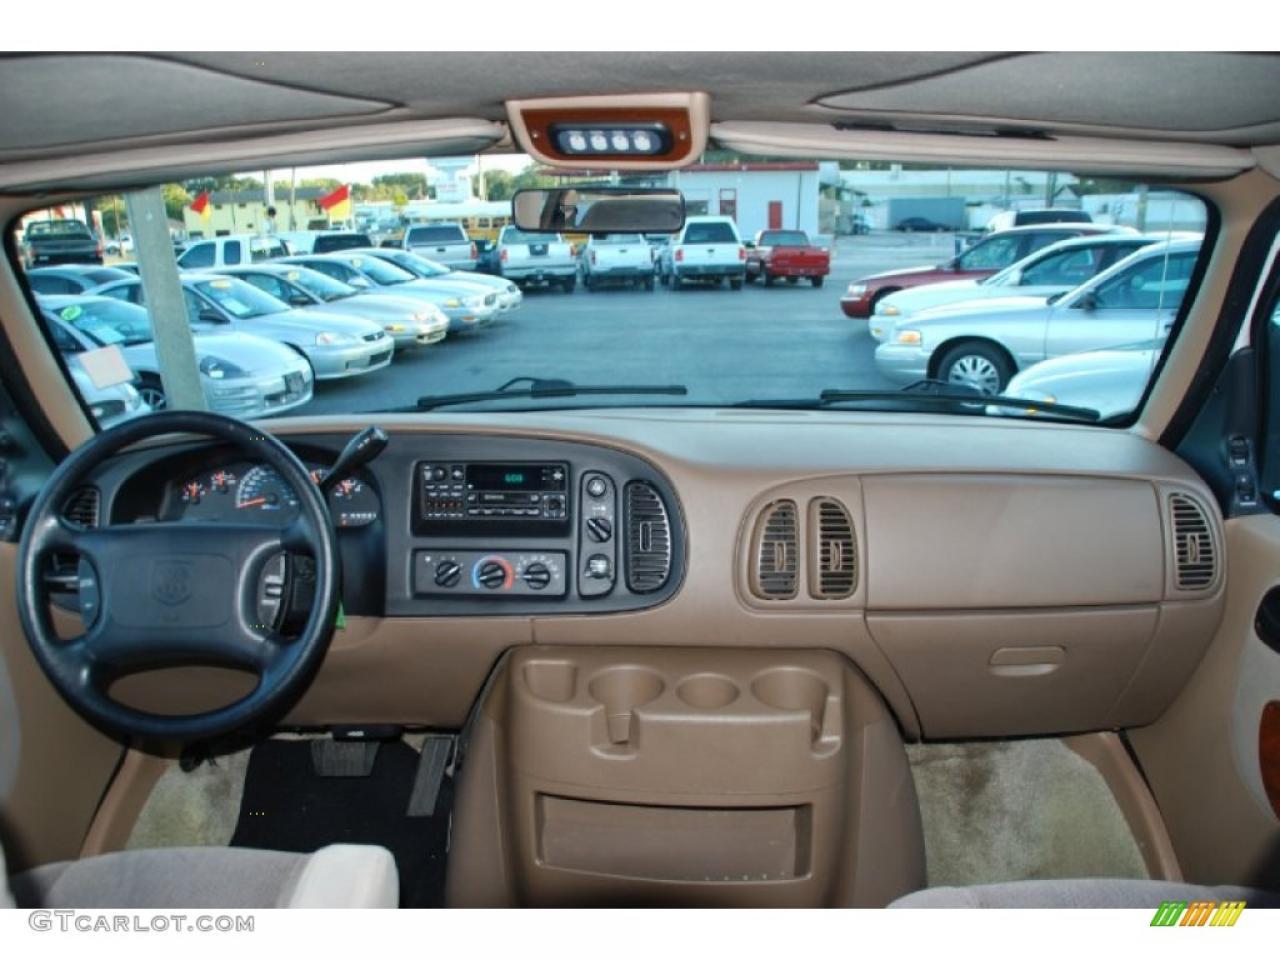 800 1024 1280 1600 Origin 2000 Dodge Ram Van